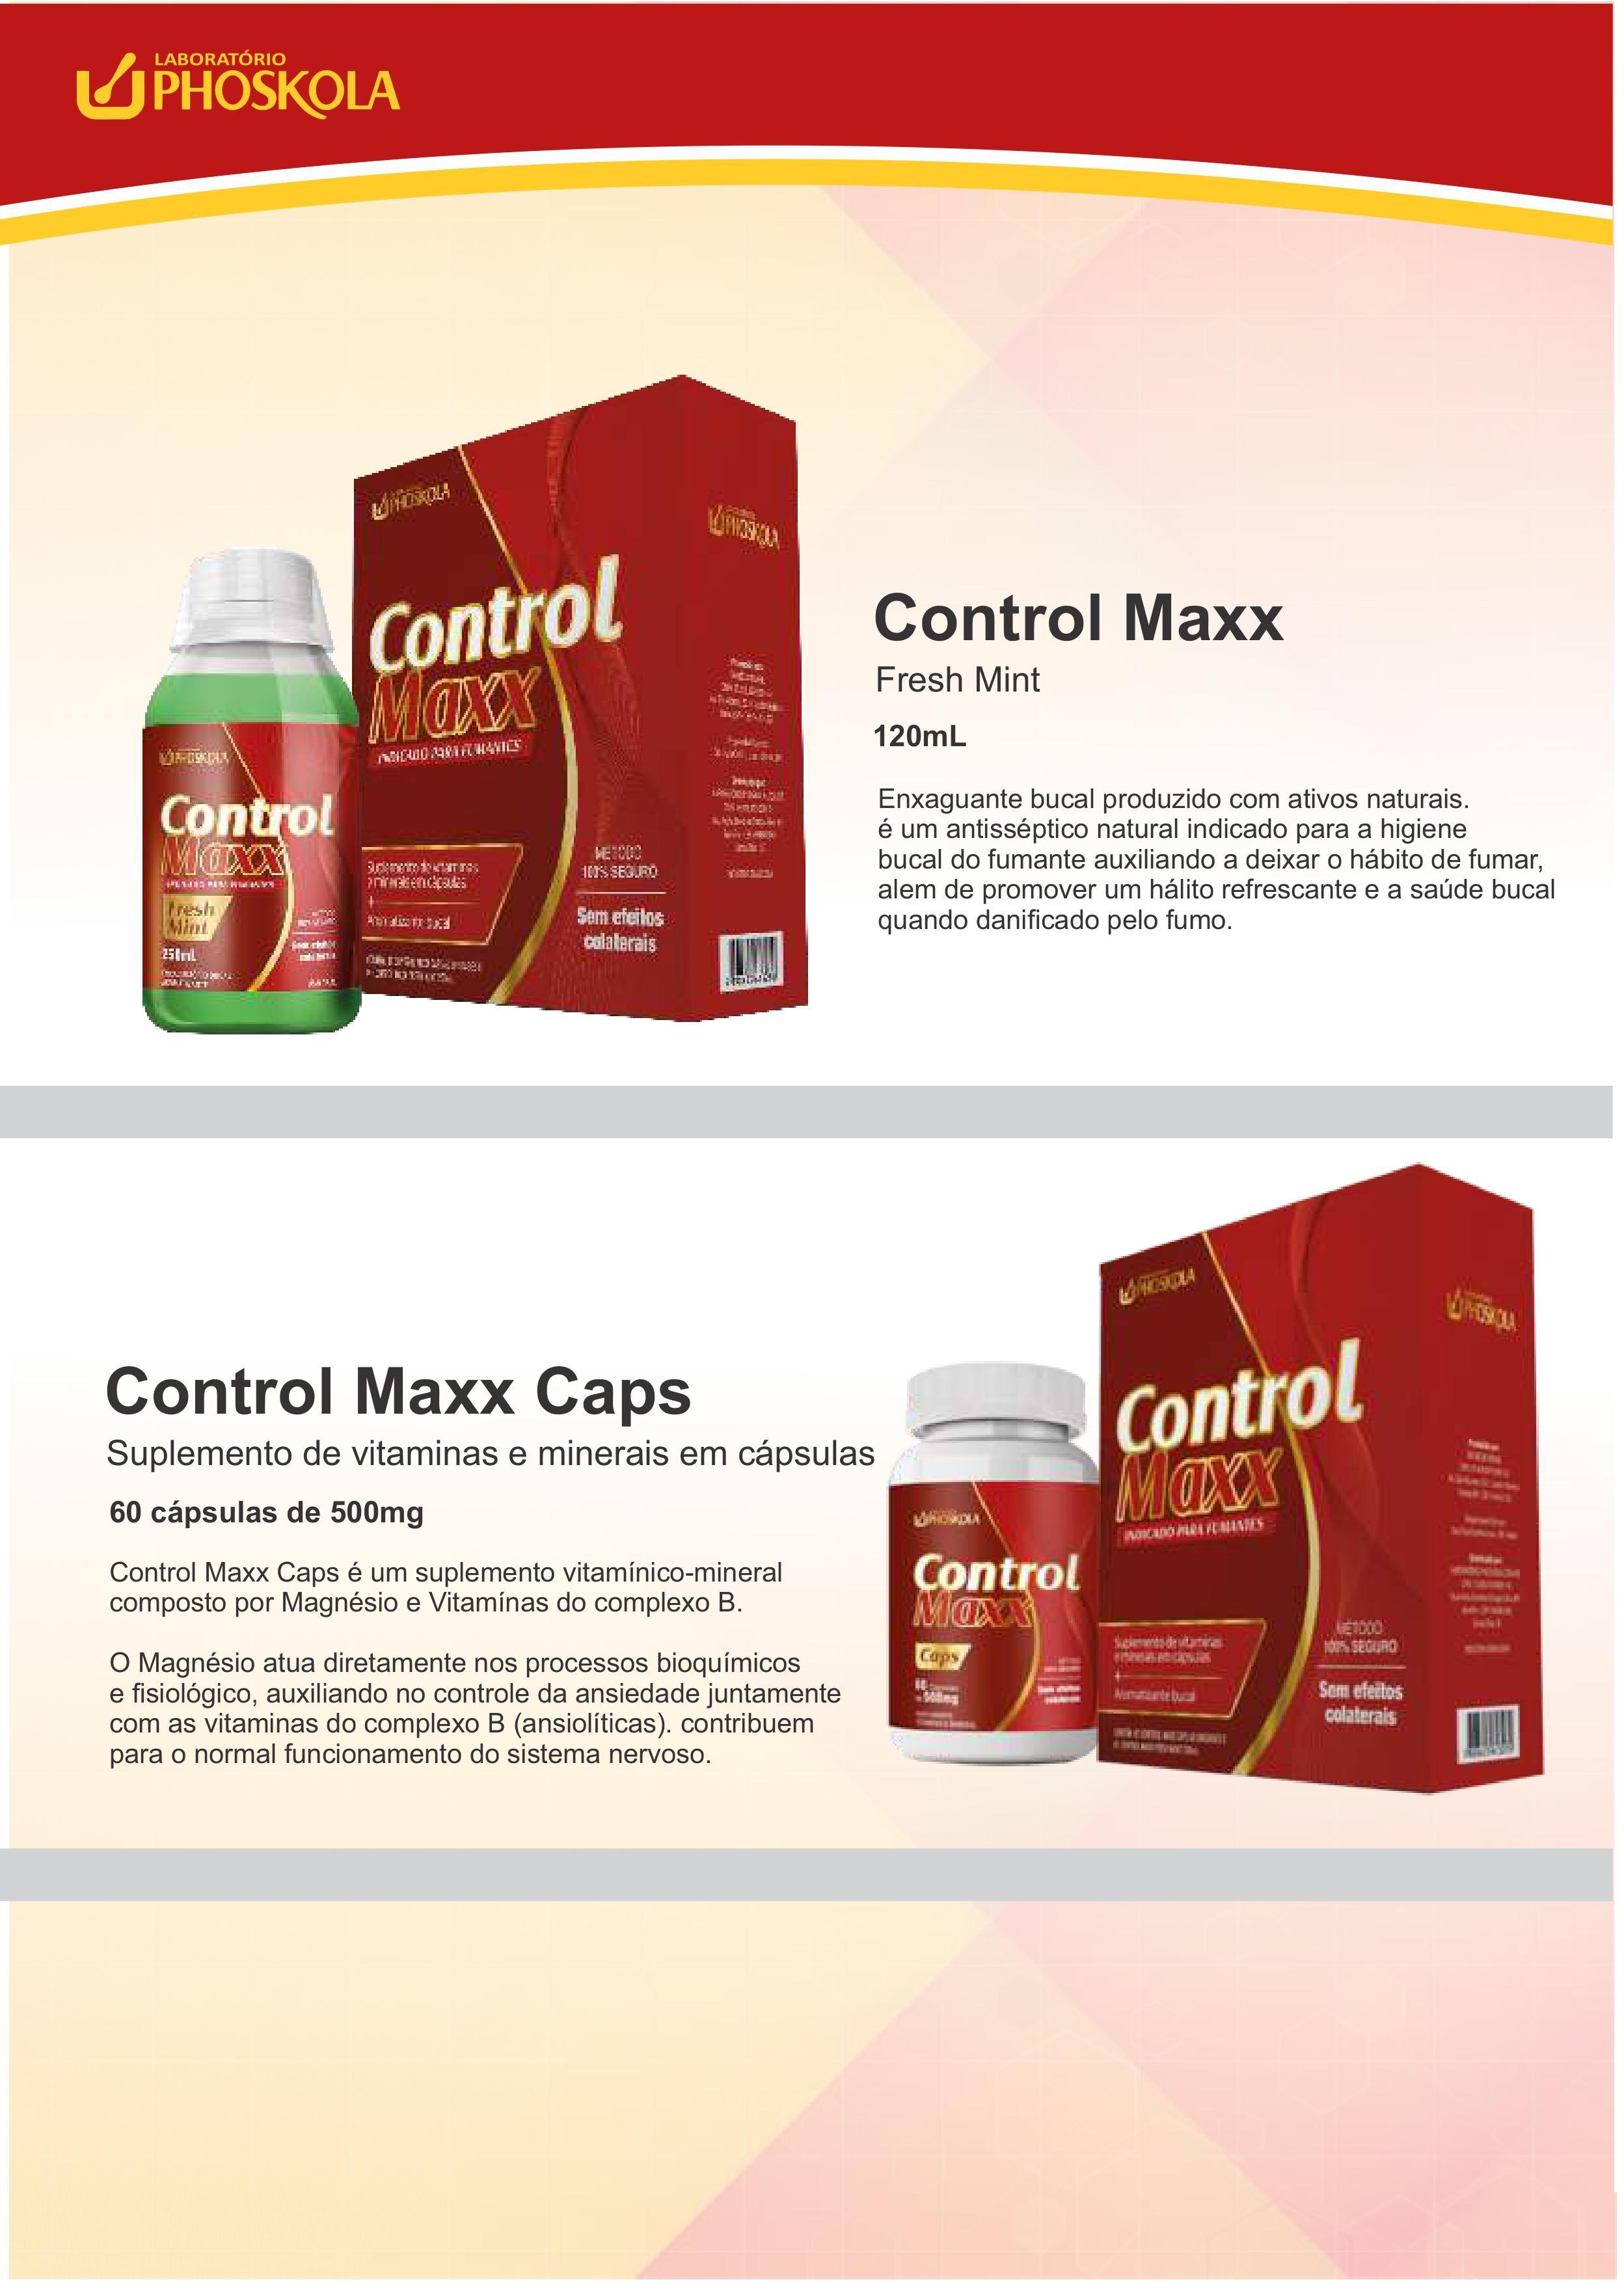 PARE DE FUMAR COM CONTROL MAXX! ANTISSÉPTICO NATURAL DO PHOSKOLA